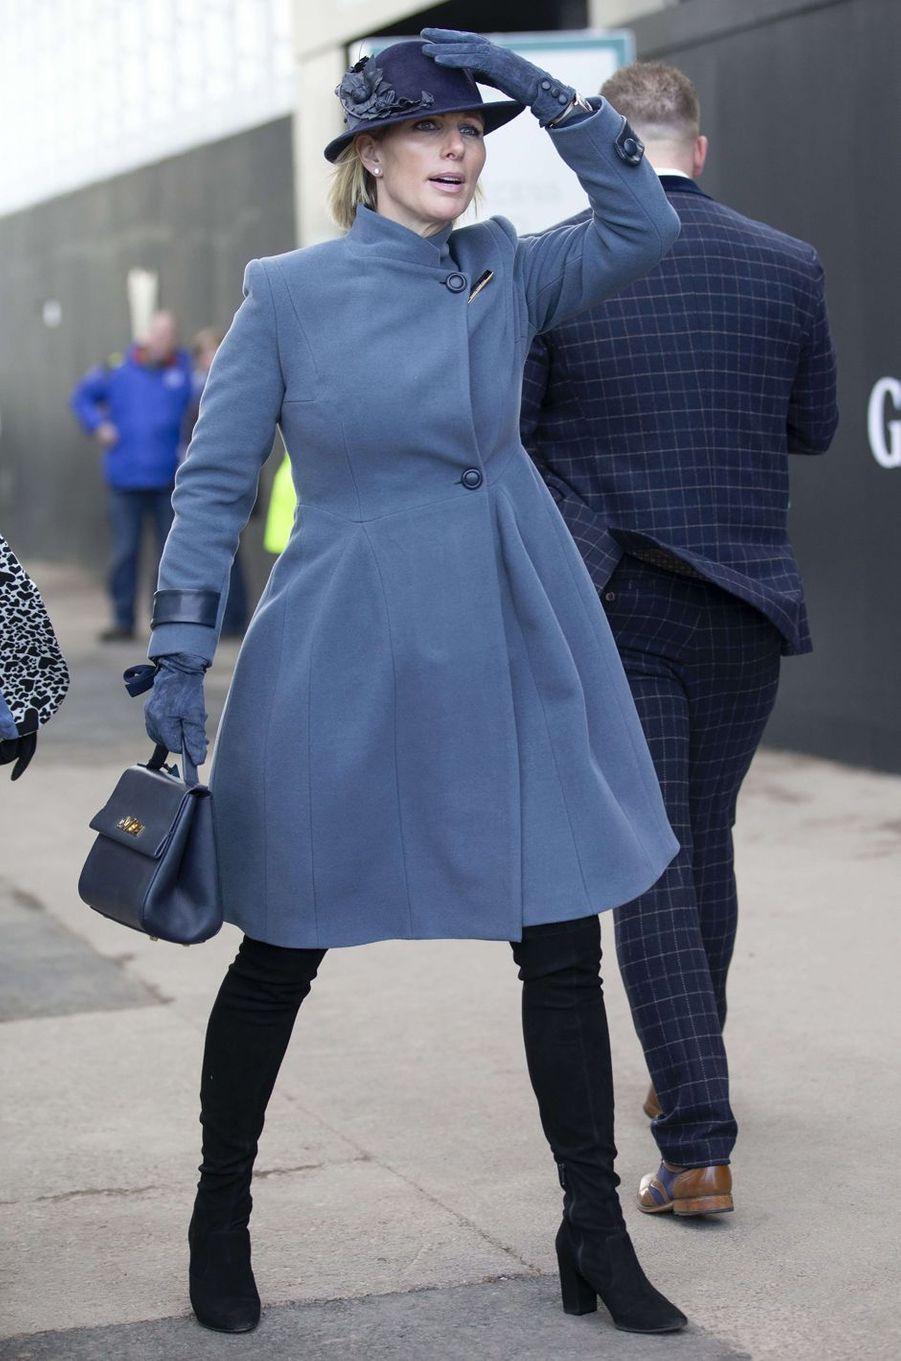 Zara Phillips au Cheltenham Festival, le 12 mars 2020